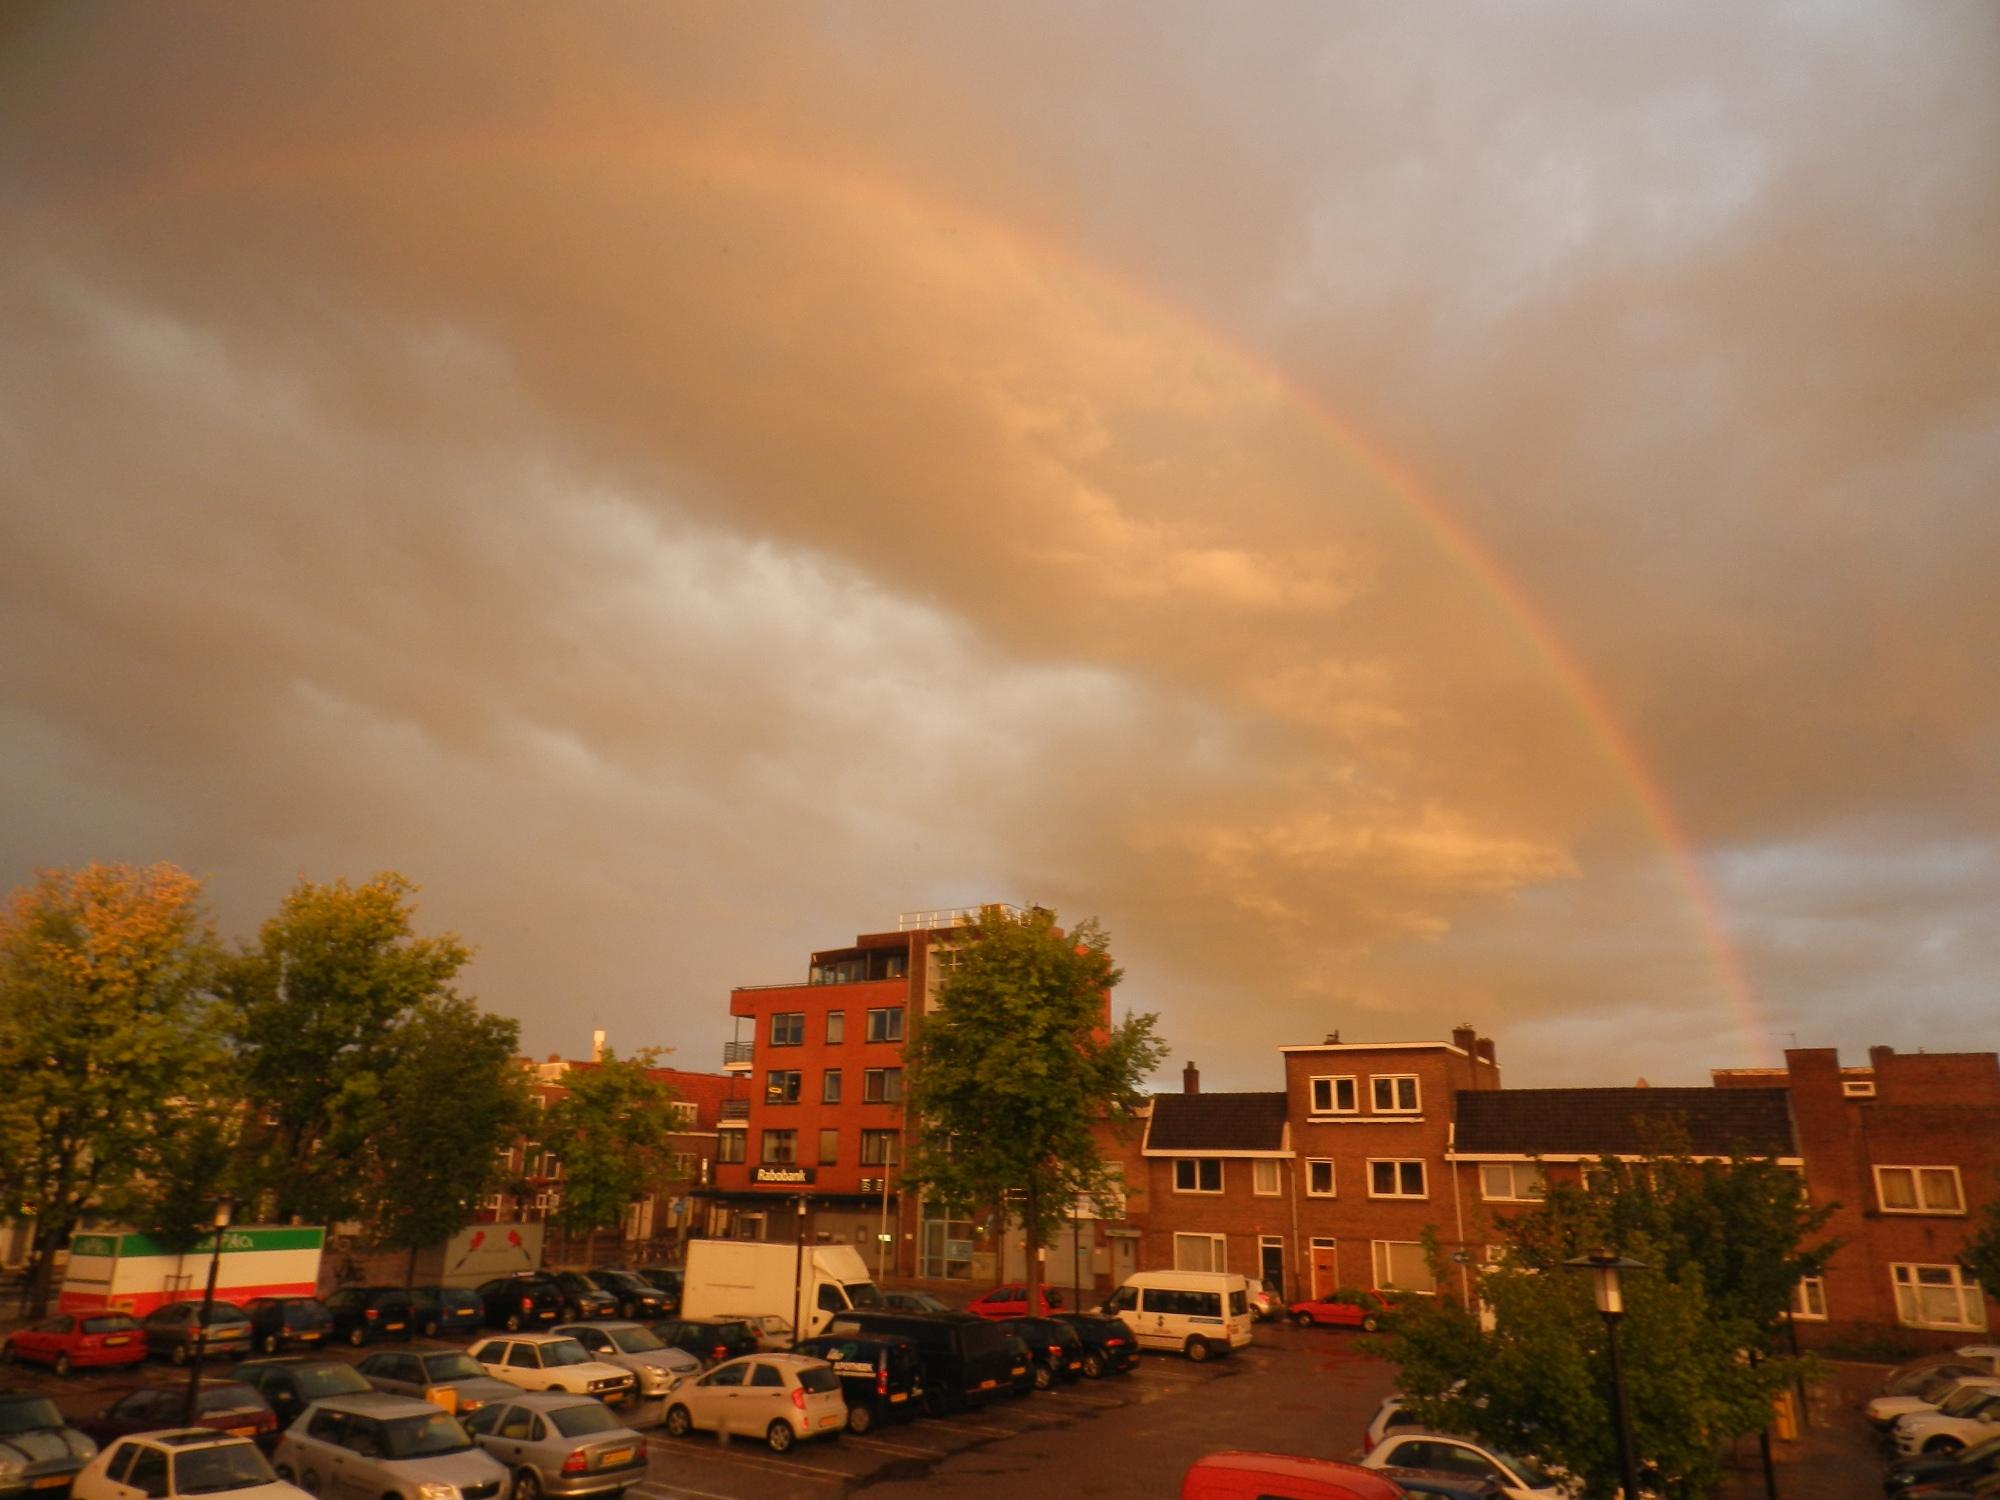 Regenboog lijkt lucht te scheiden